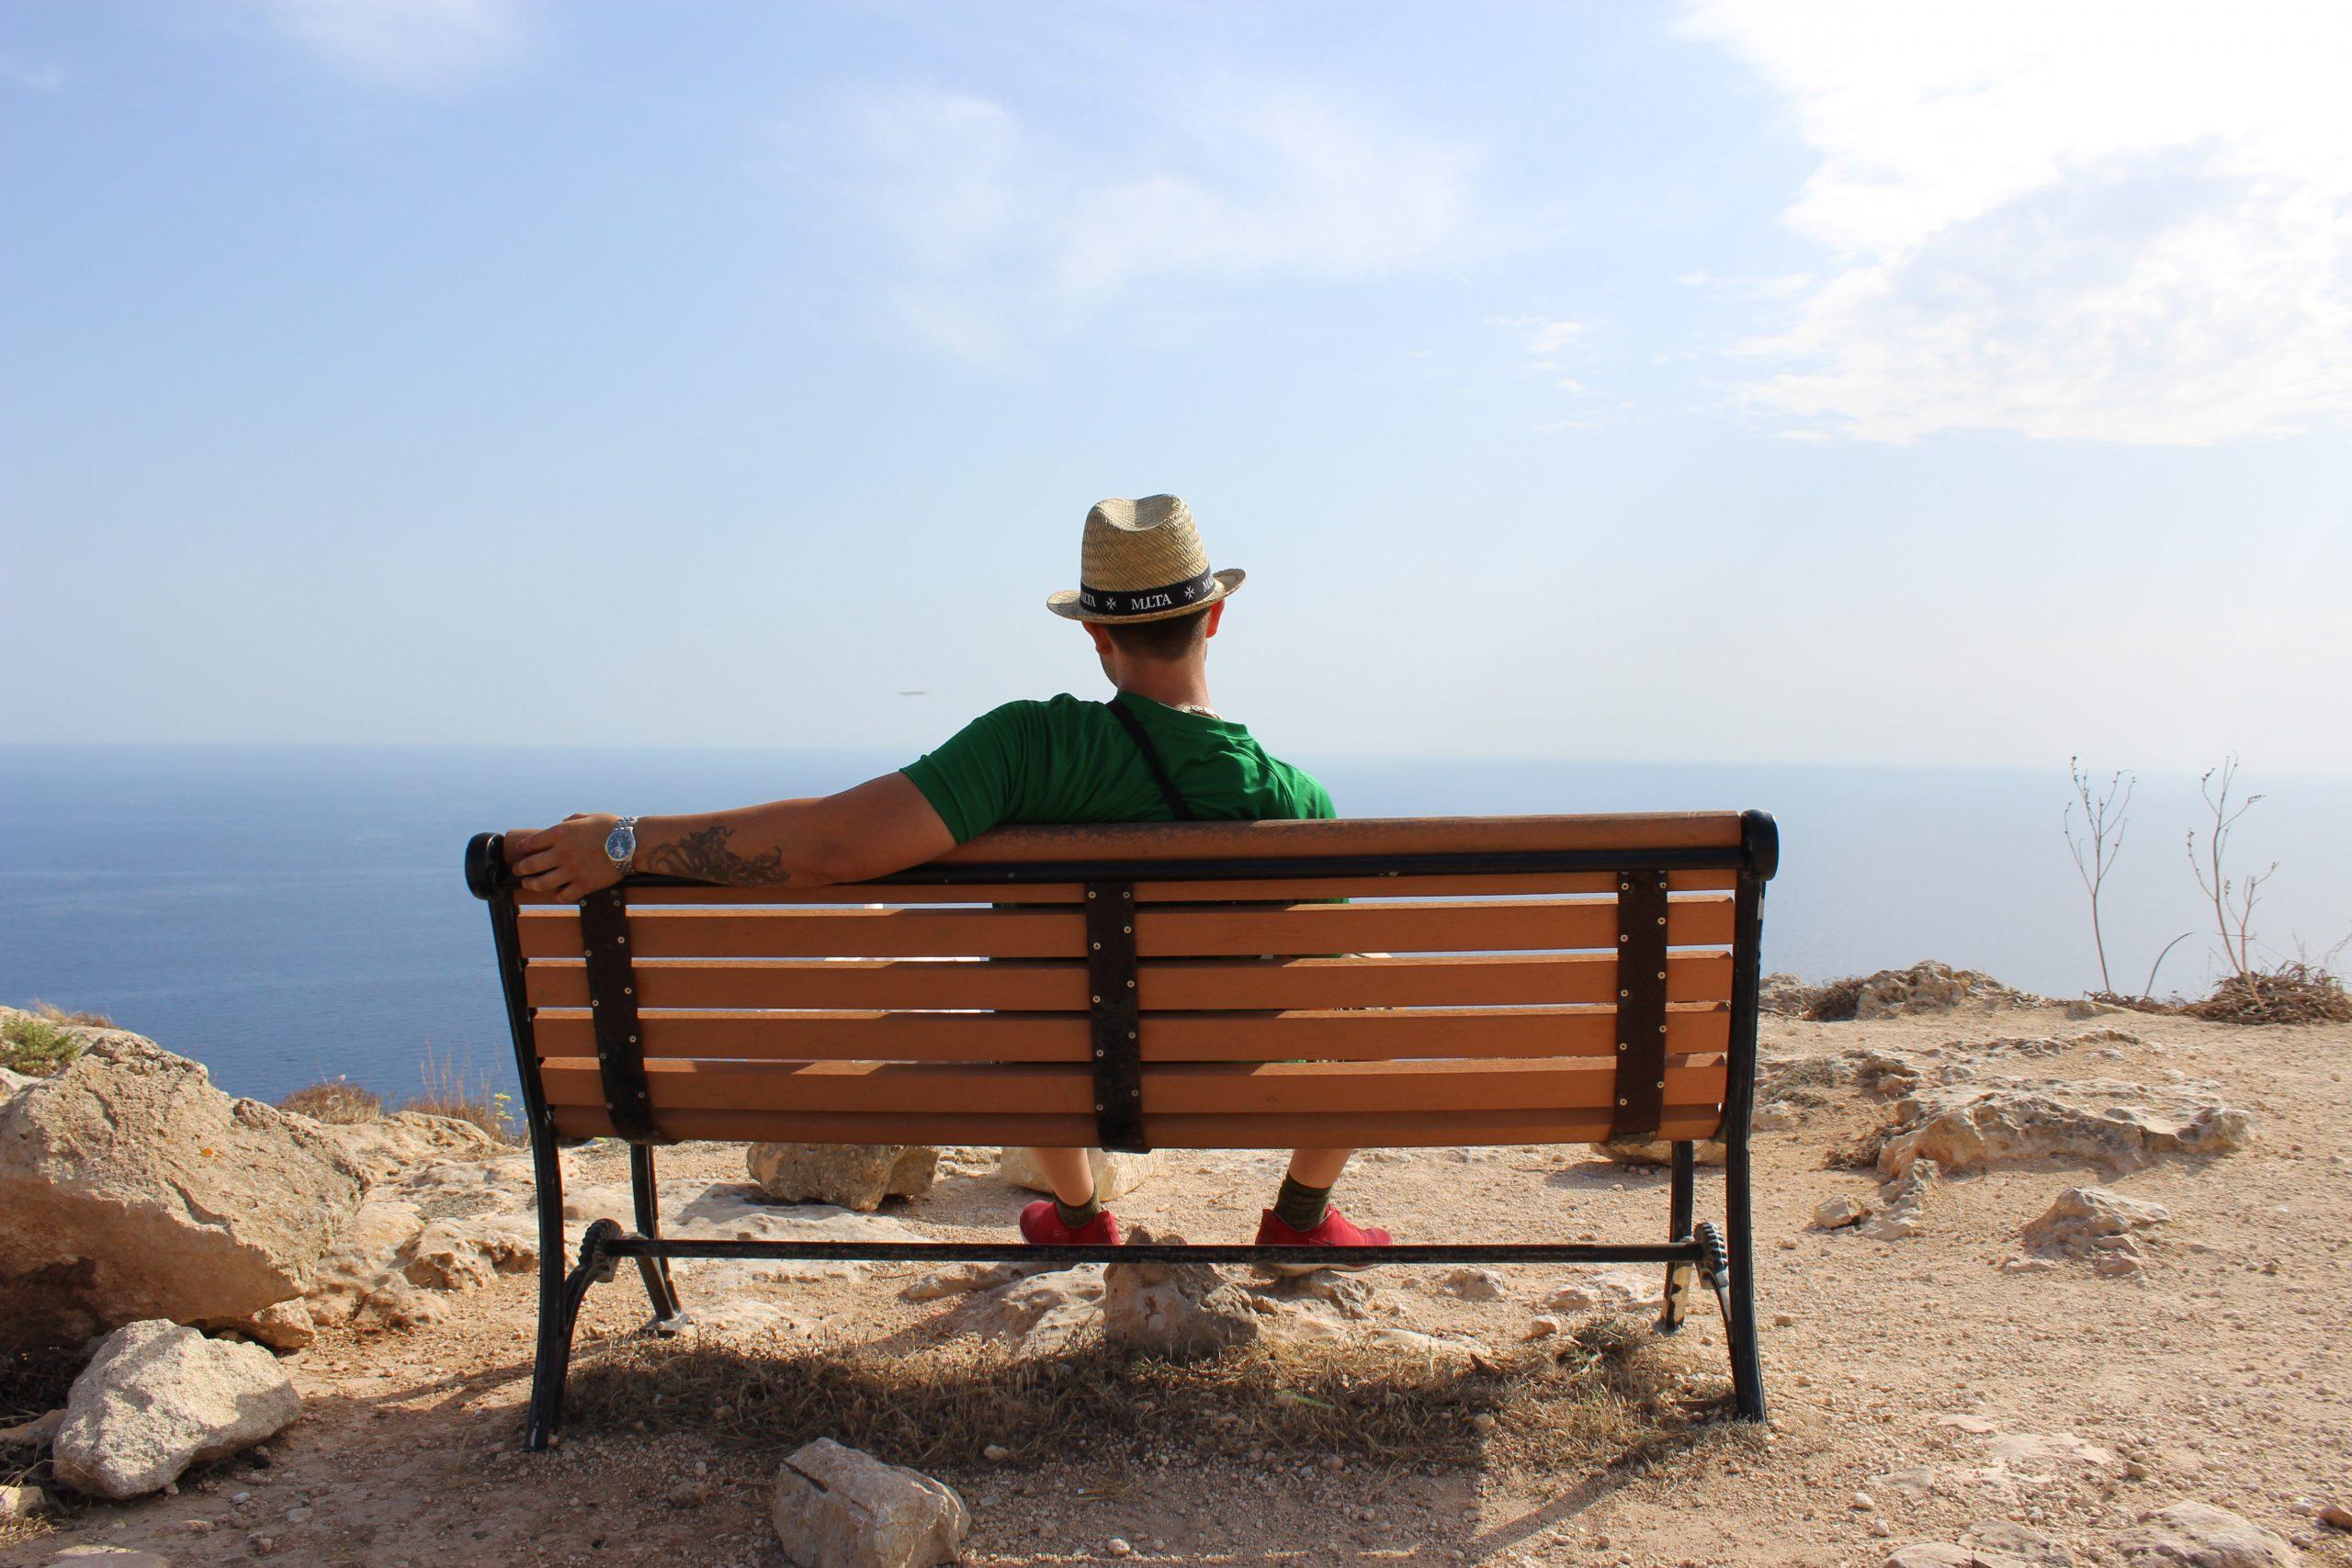 Bench in Malta